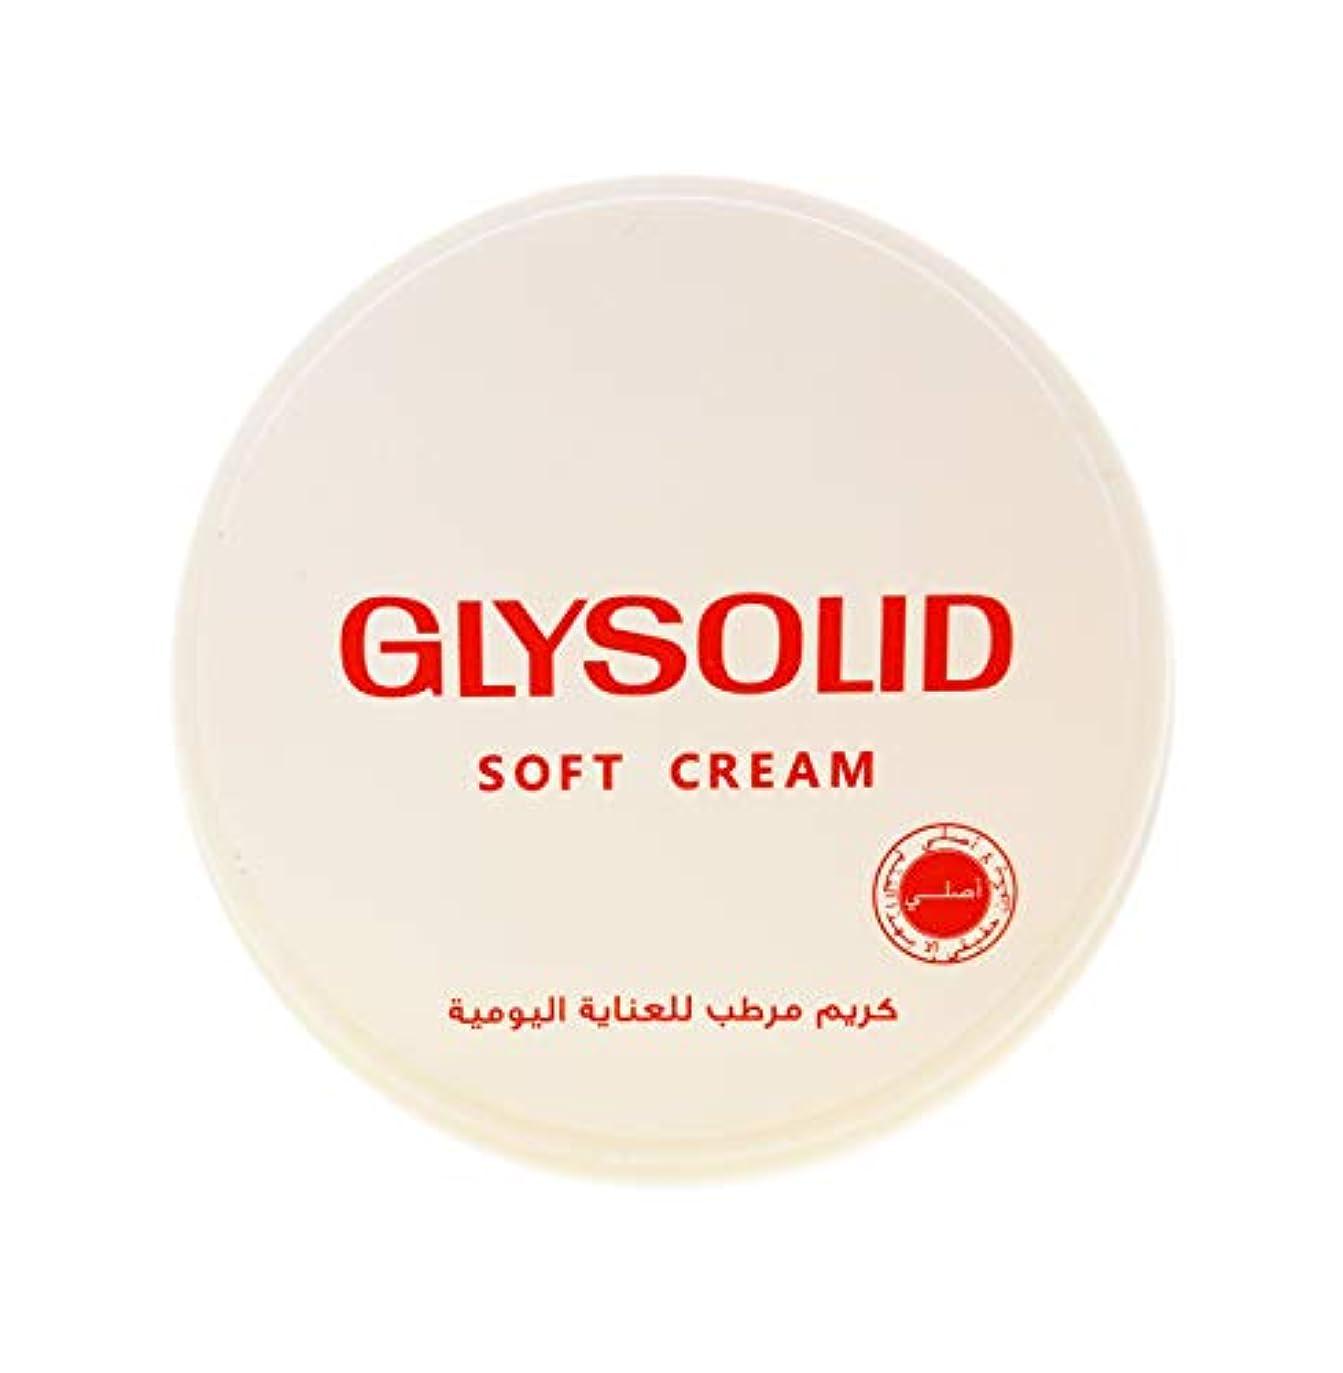 メガロポリススローガンコールGlysolid Soft Cream Moisturizers For Dry Skin Face Hands Feet Elbow Body Softening With Glycerin Keeping Your...